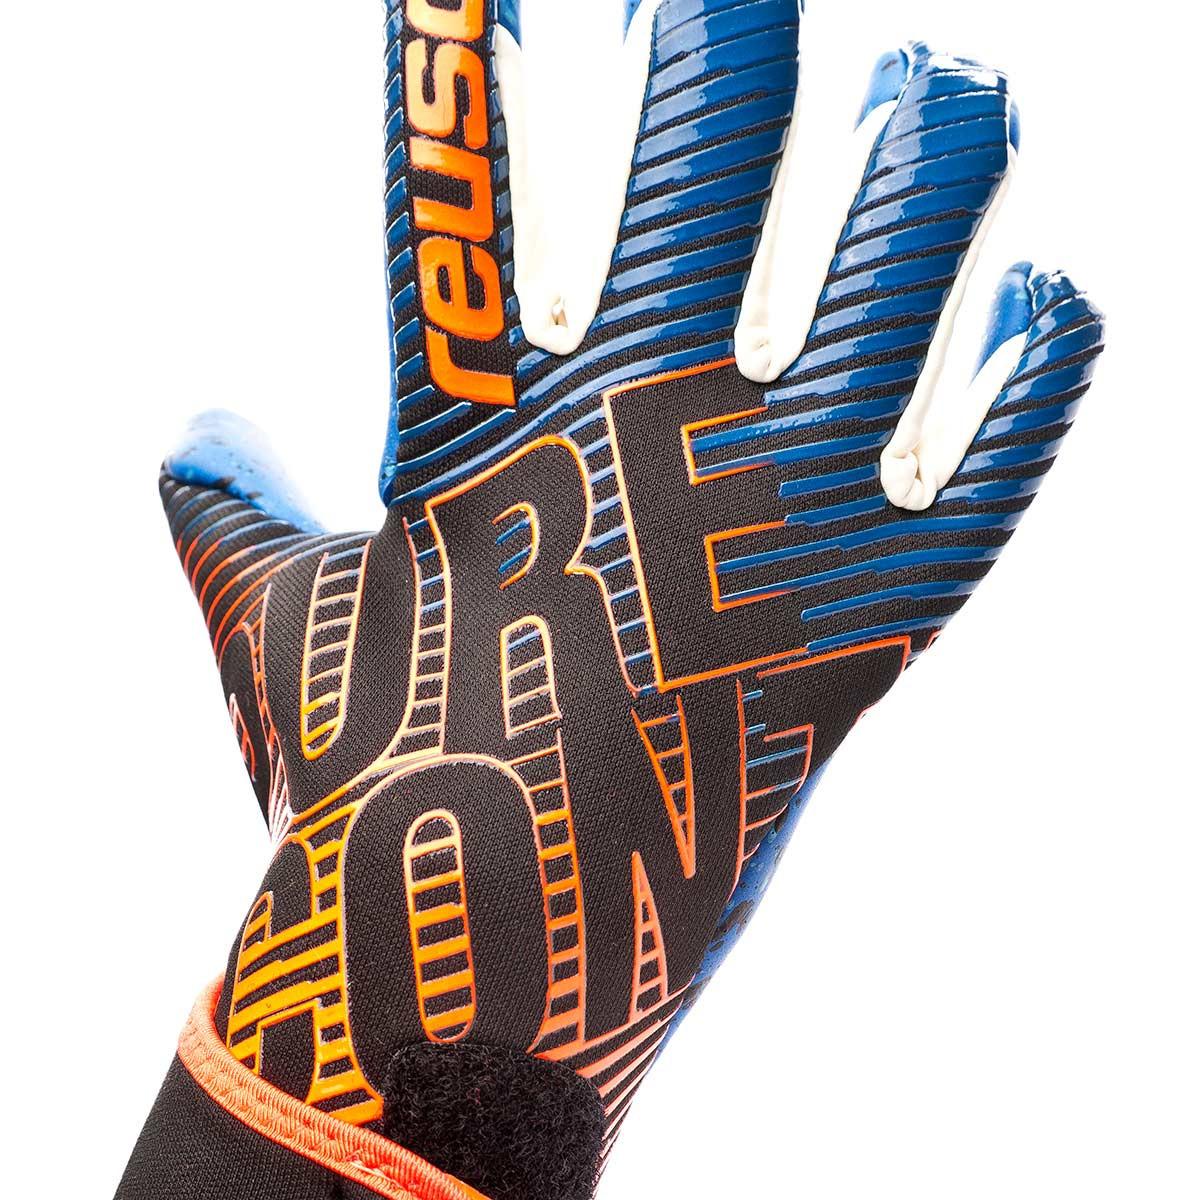 Reusch Pure Contact 3 G3 Fusion Guanti Unisex Bambini